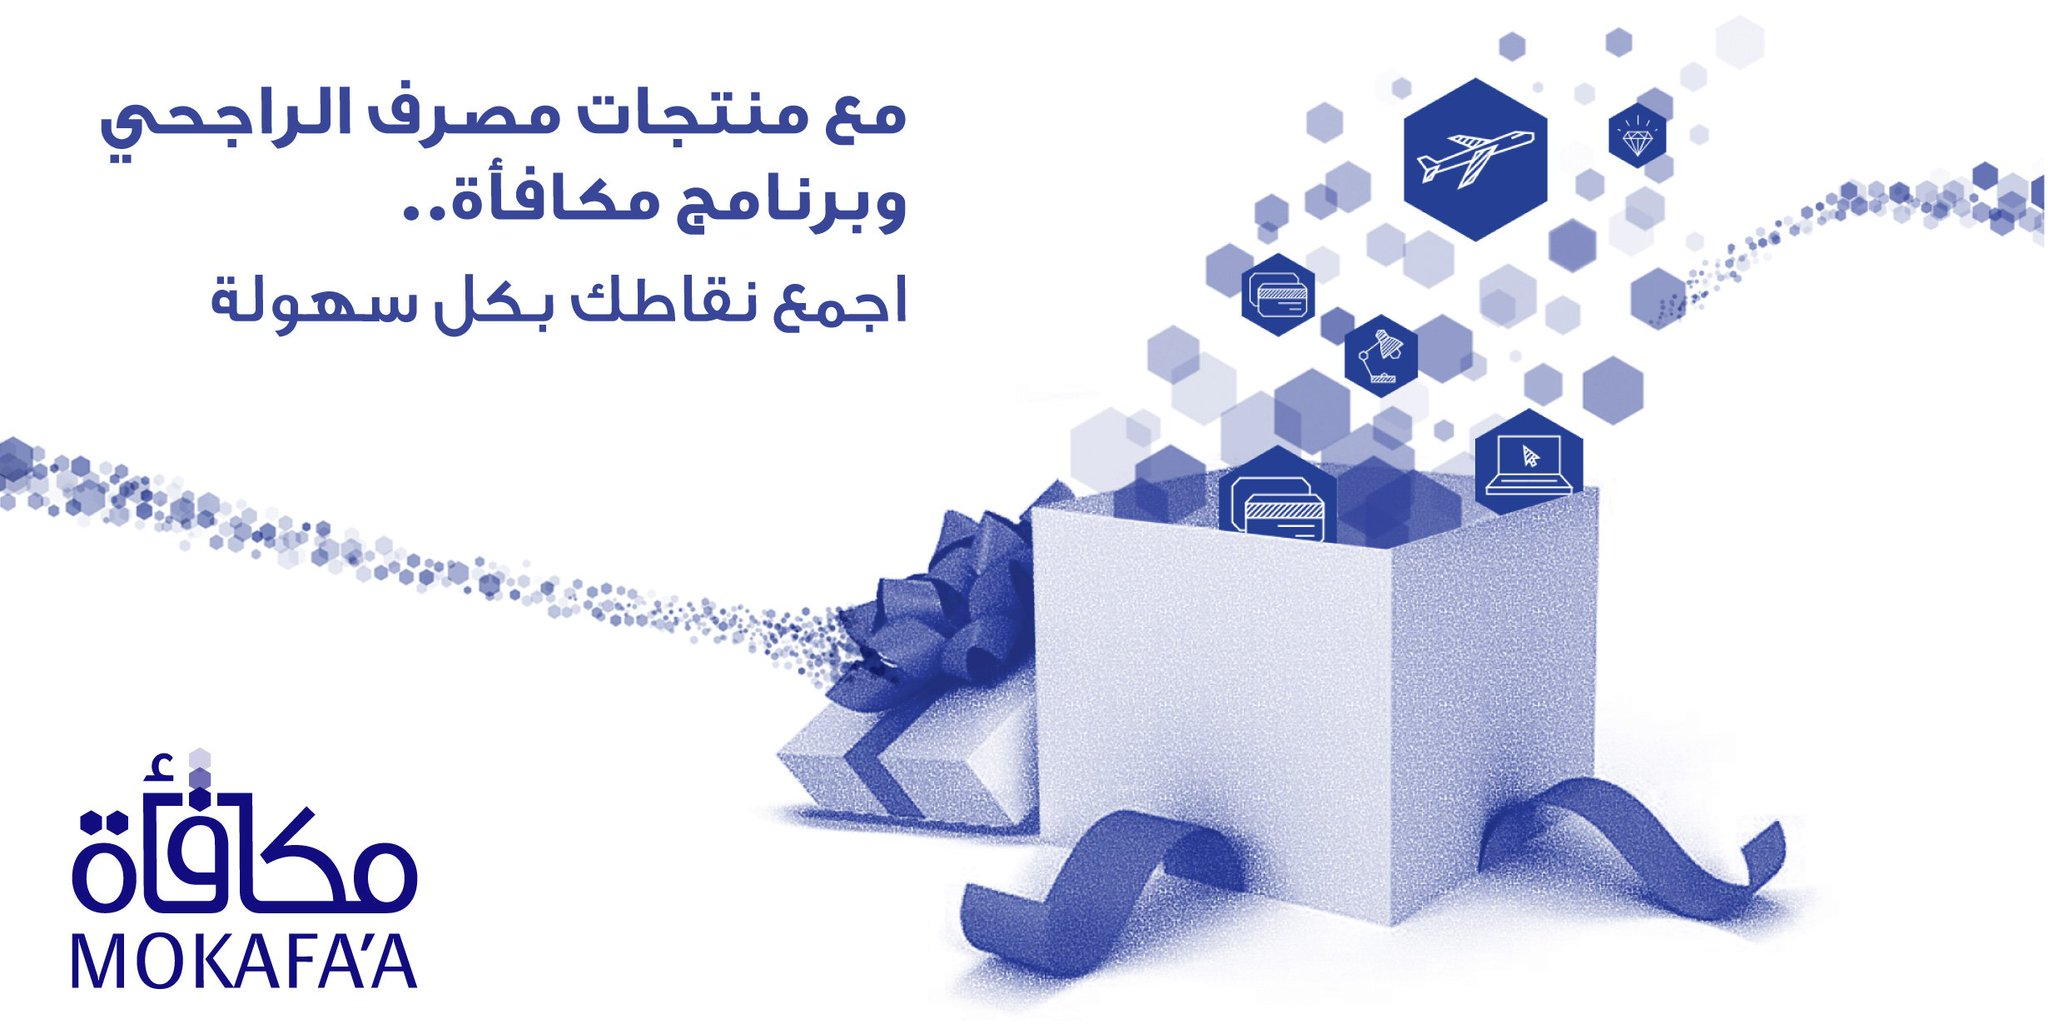 Al Rajhi Bank مصرف الراجحي استبدل نقاطك في برنامج مكافأة وطور لغتك الإنجليزية مع شريكنا كامبلي Facebook